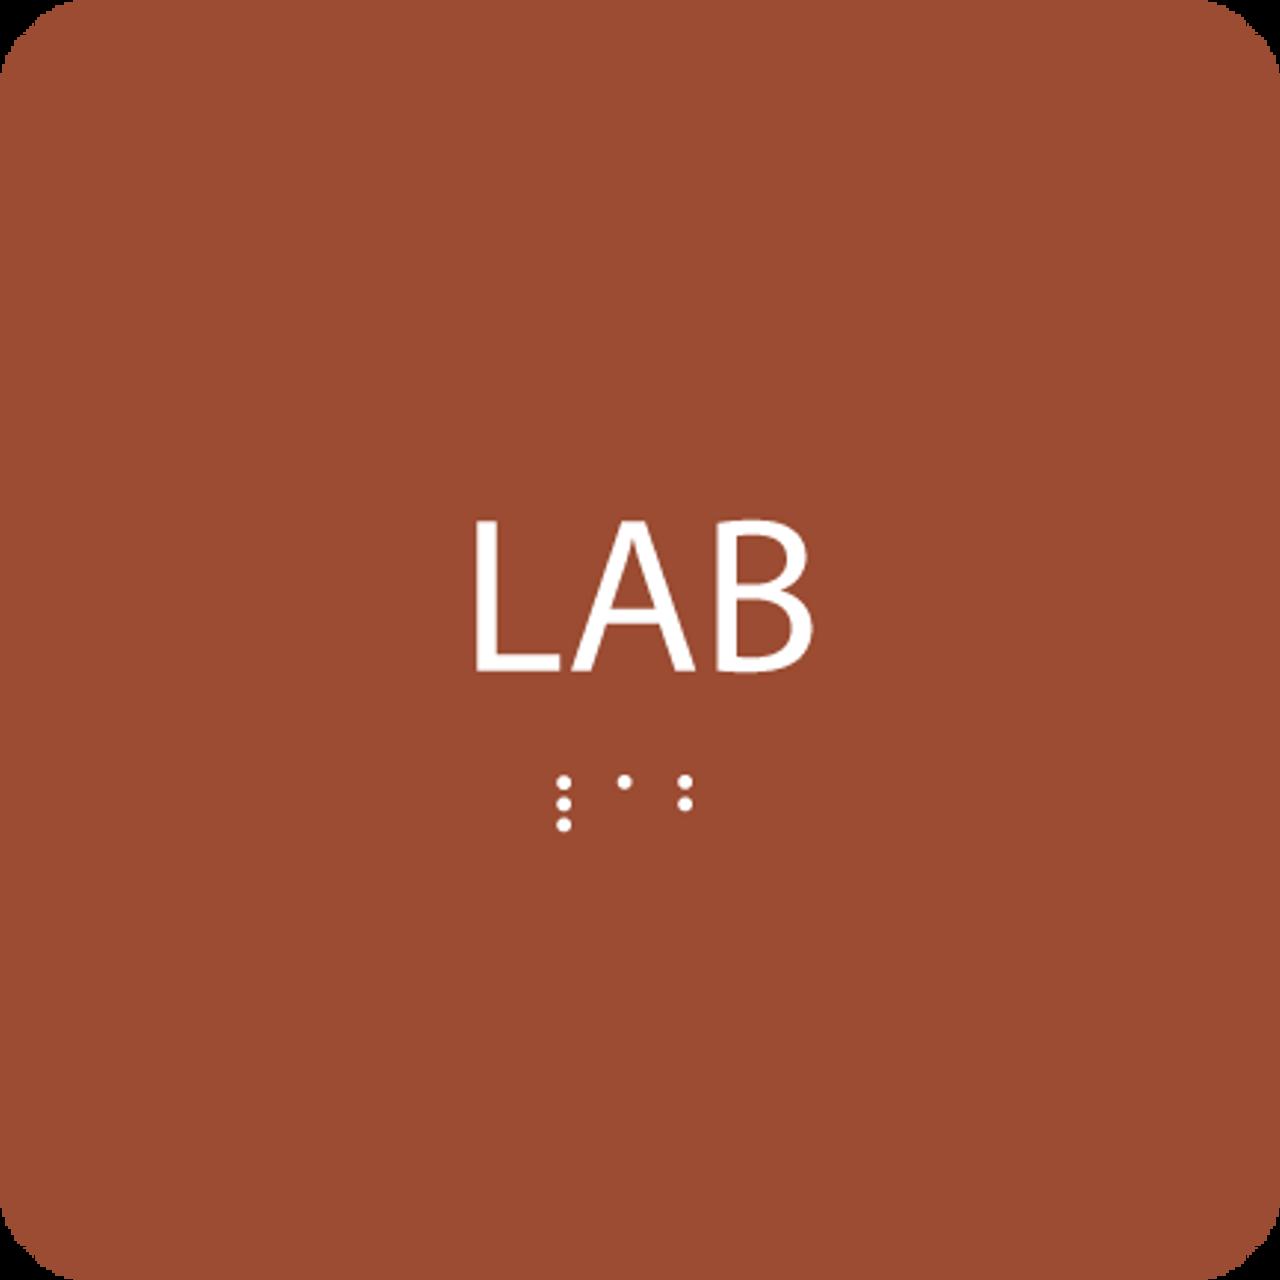 Orange Lab ADA Sign